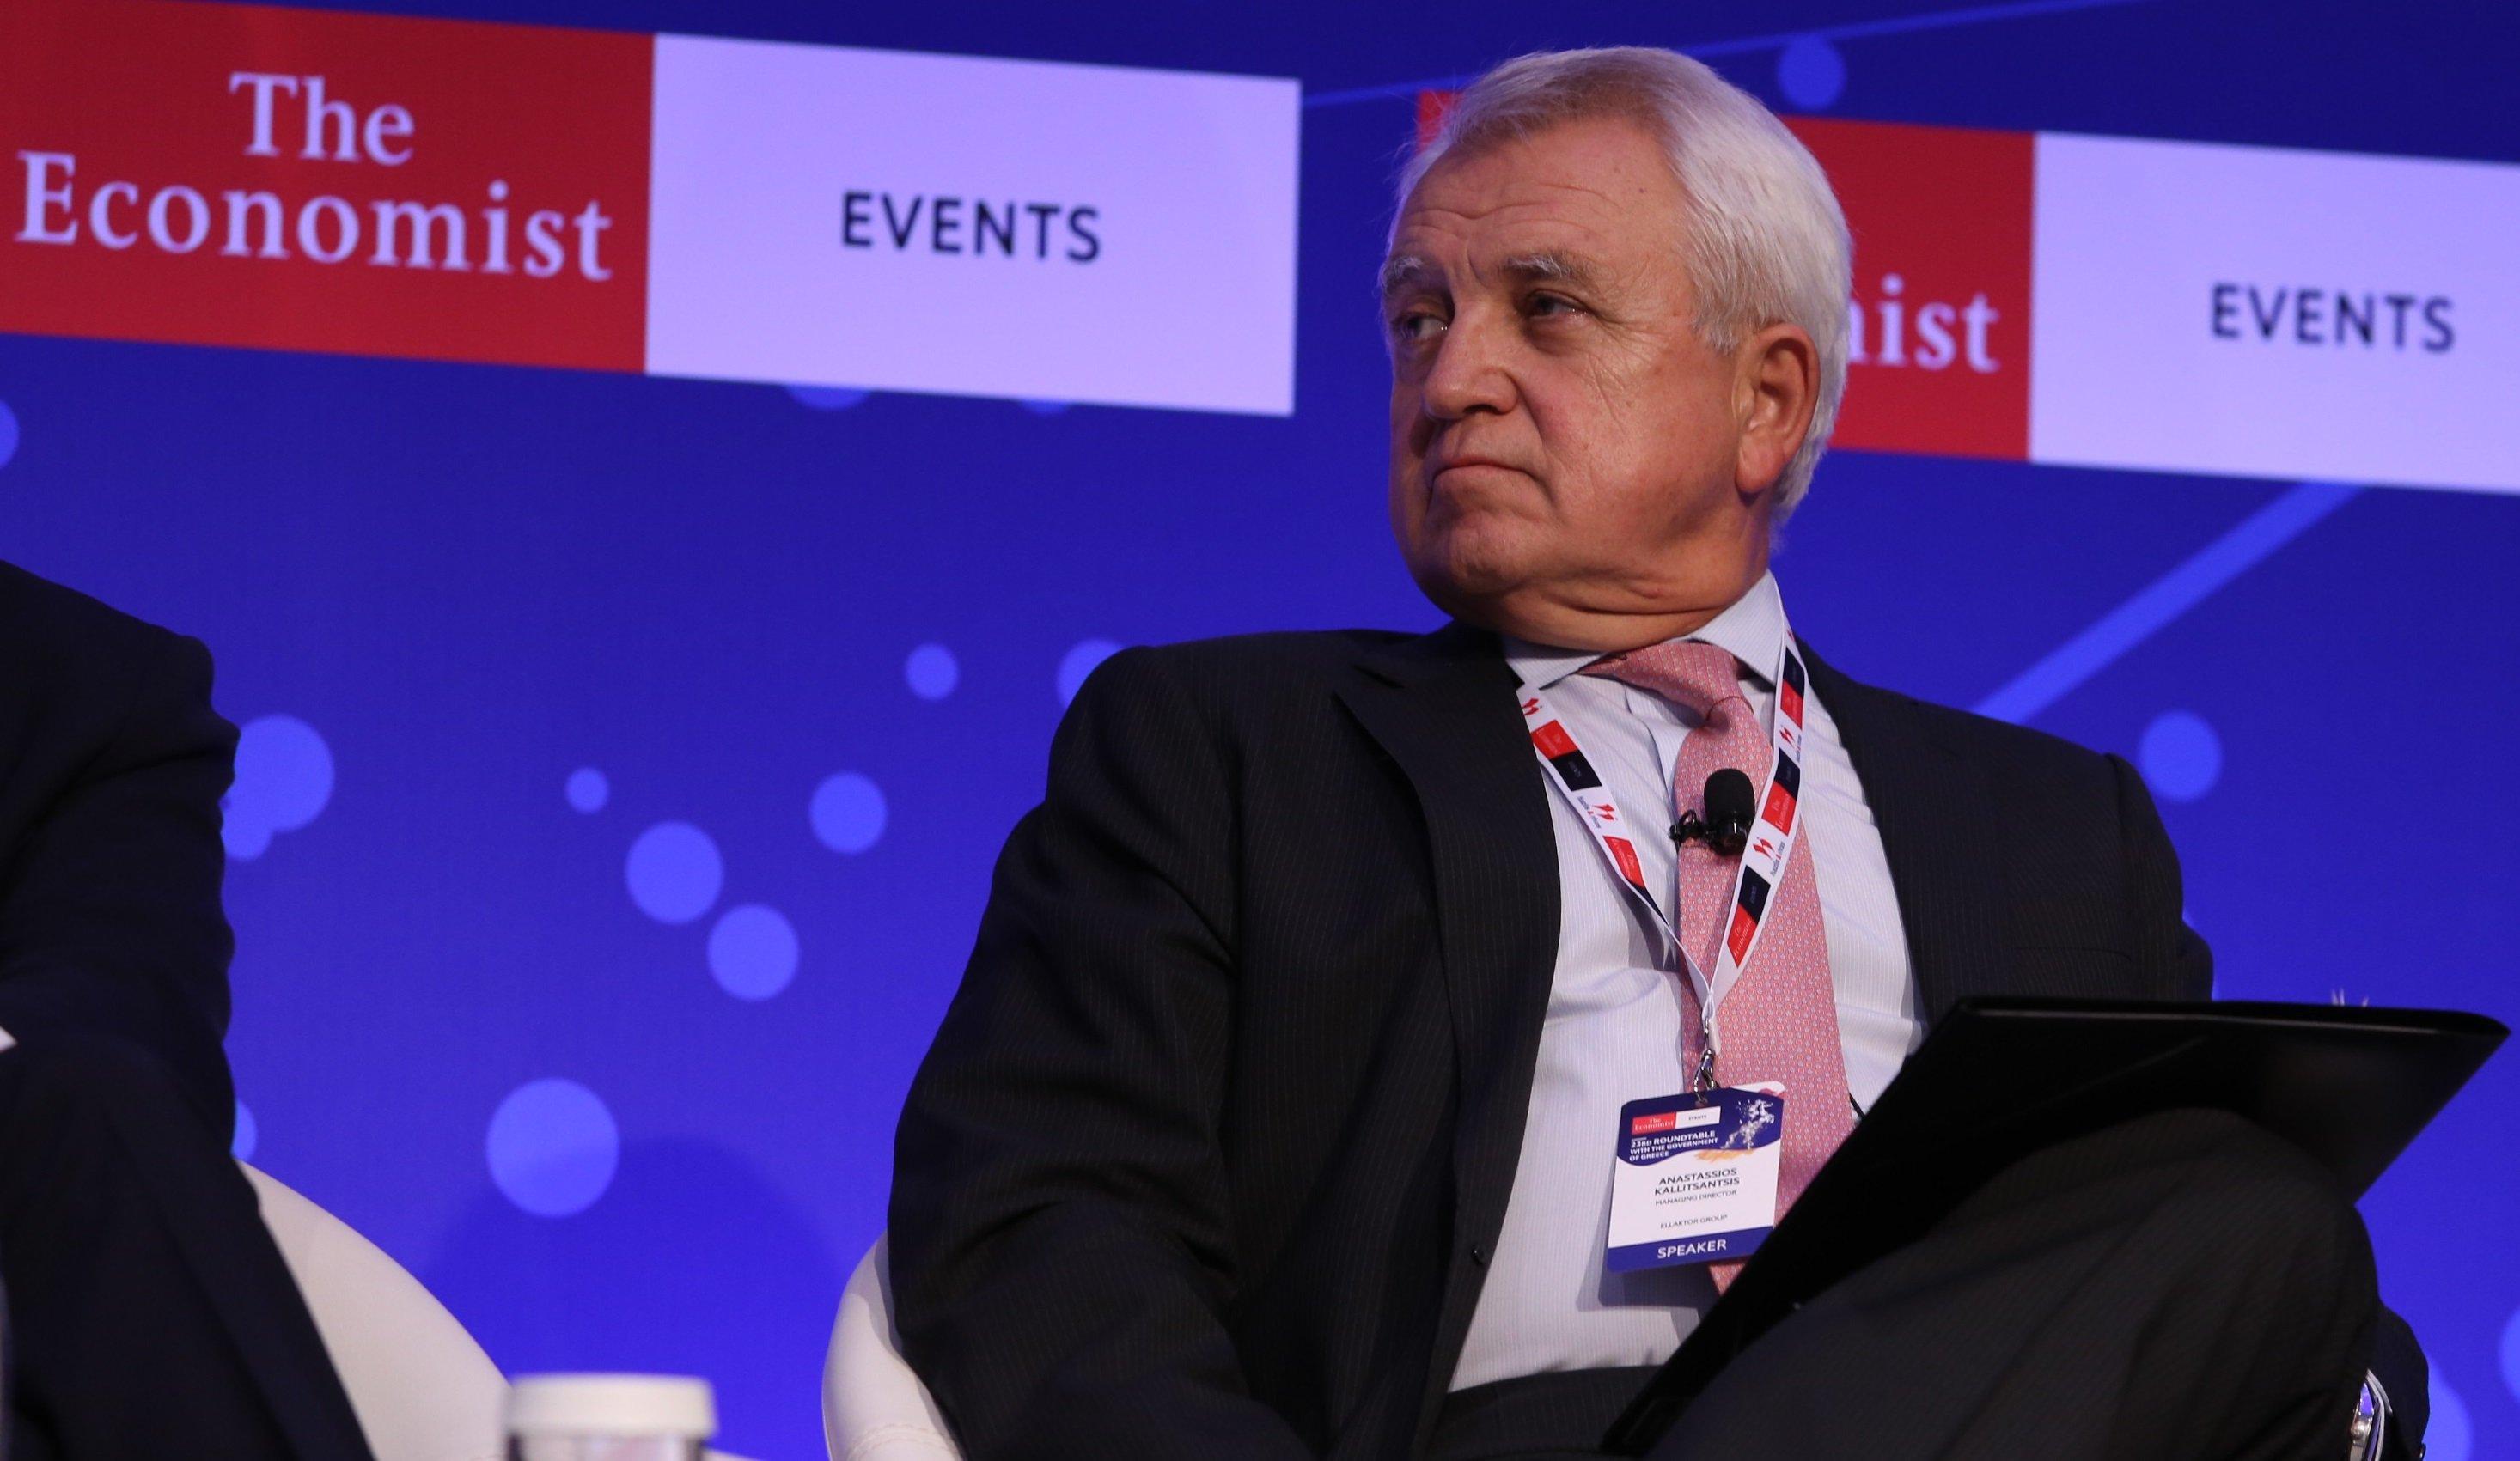 Ομιλία του κ. Αναστάσιου Καλλιτσάντση, Διευθύνοντος Συμβούλου Ομίλου ΕΛΛΑΚΤΩΡ στο 23ο Συνέδριο του Economist